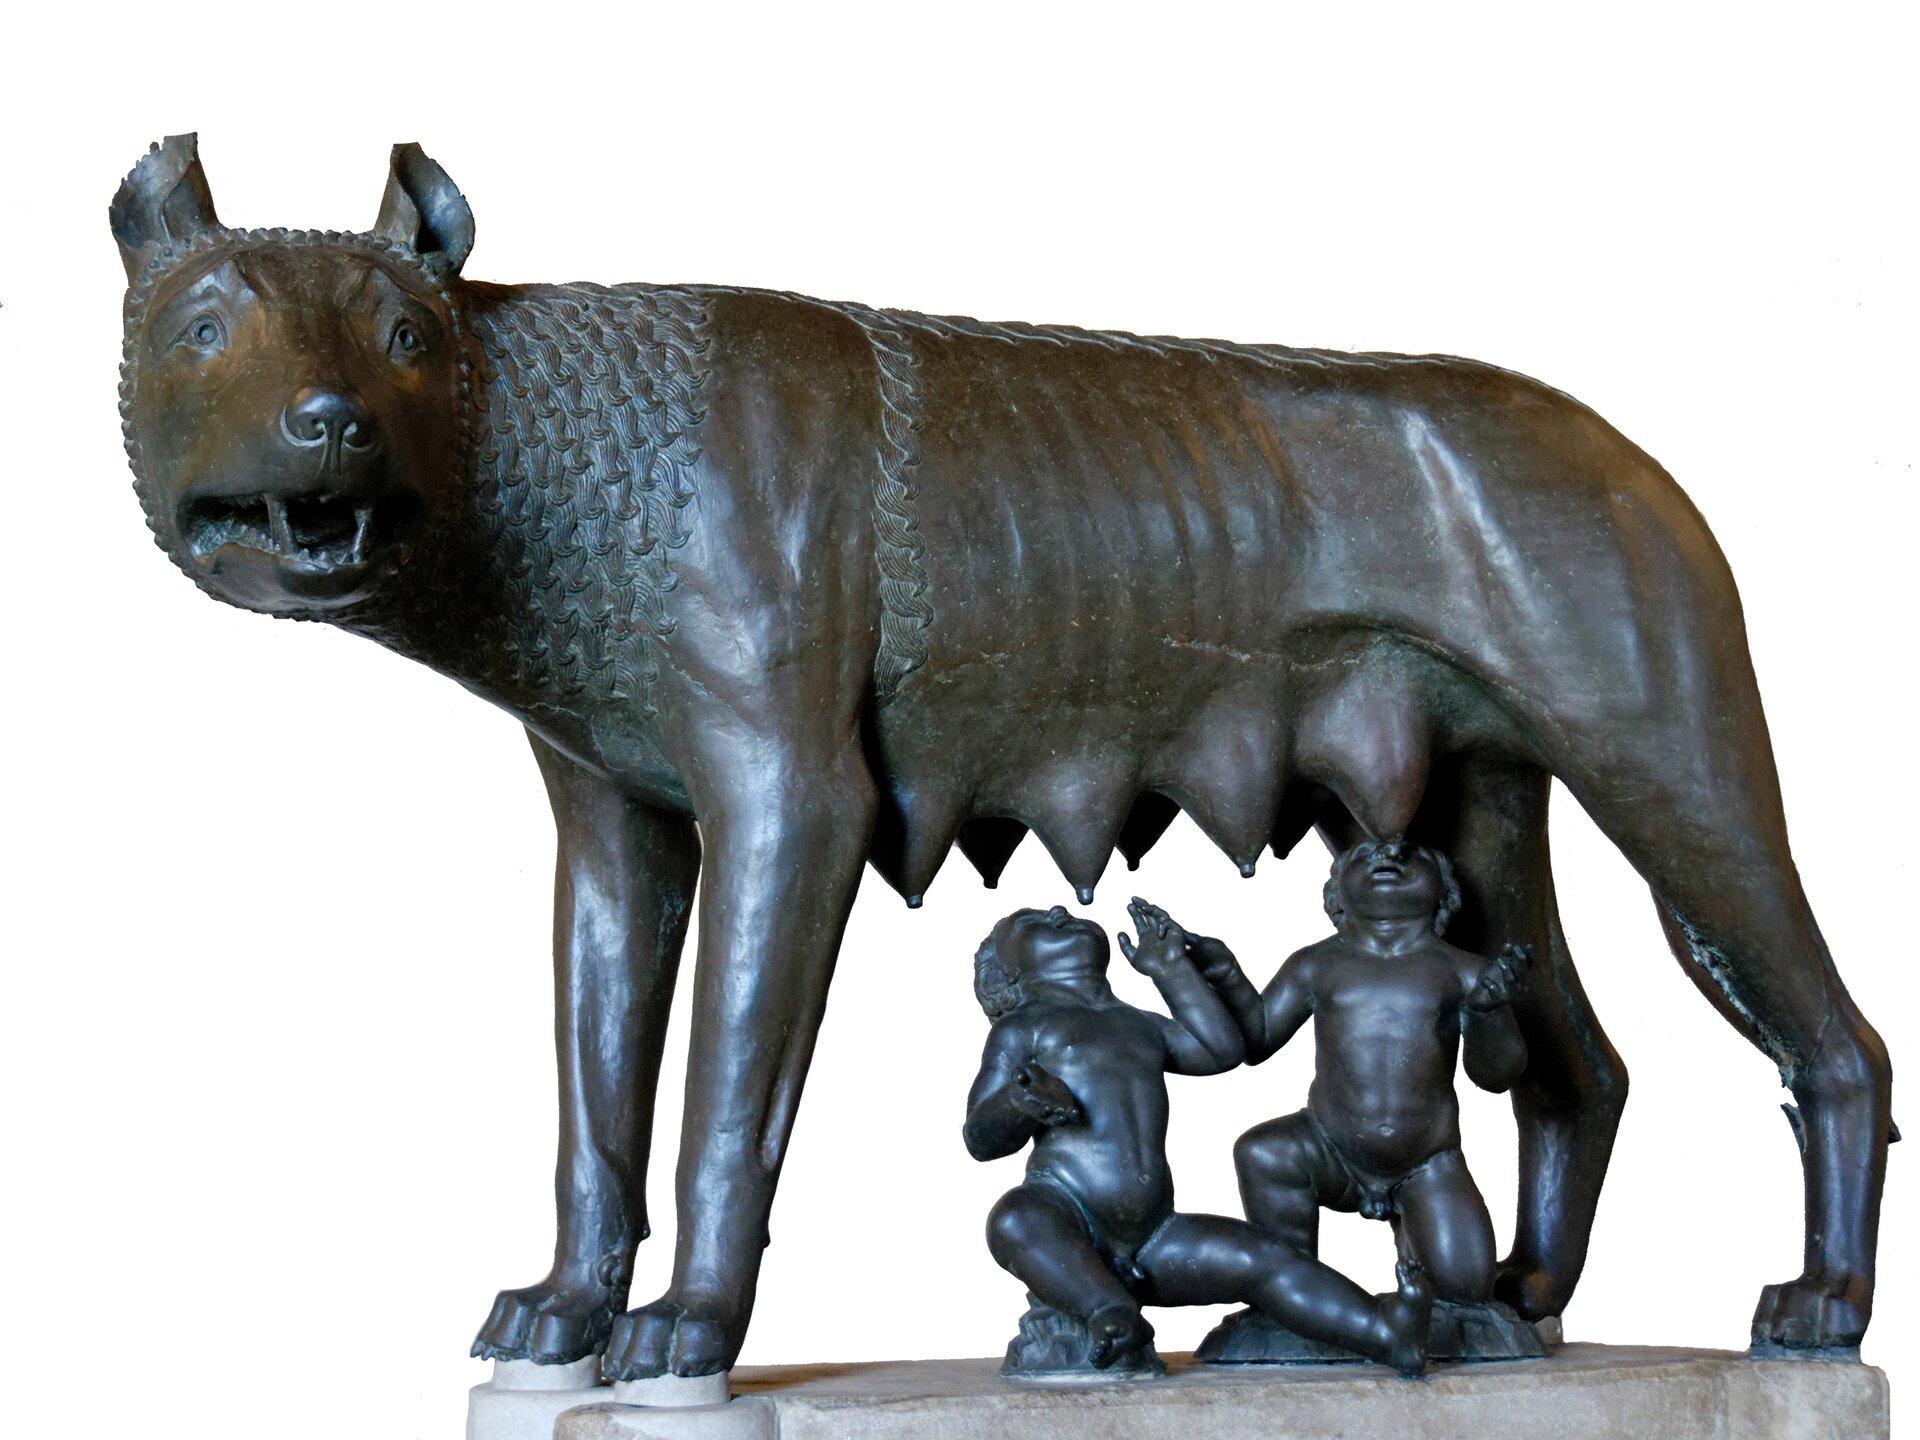 Lupa Capitolina: Wilczyca zRomulusem iRemusem Rzeźba zVw. n.e. znajdująca się wMuzeum Kapitolińskim wRzymieprzedstawia wilczycę karmiącą Romulusa iRemusa. Źródło: Lupa Capitolina: Wilczyca zRomulusem iRemusem, Muzea Kapitolińskie, domena publiczna.